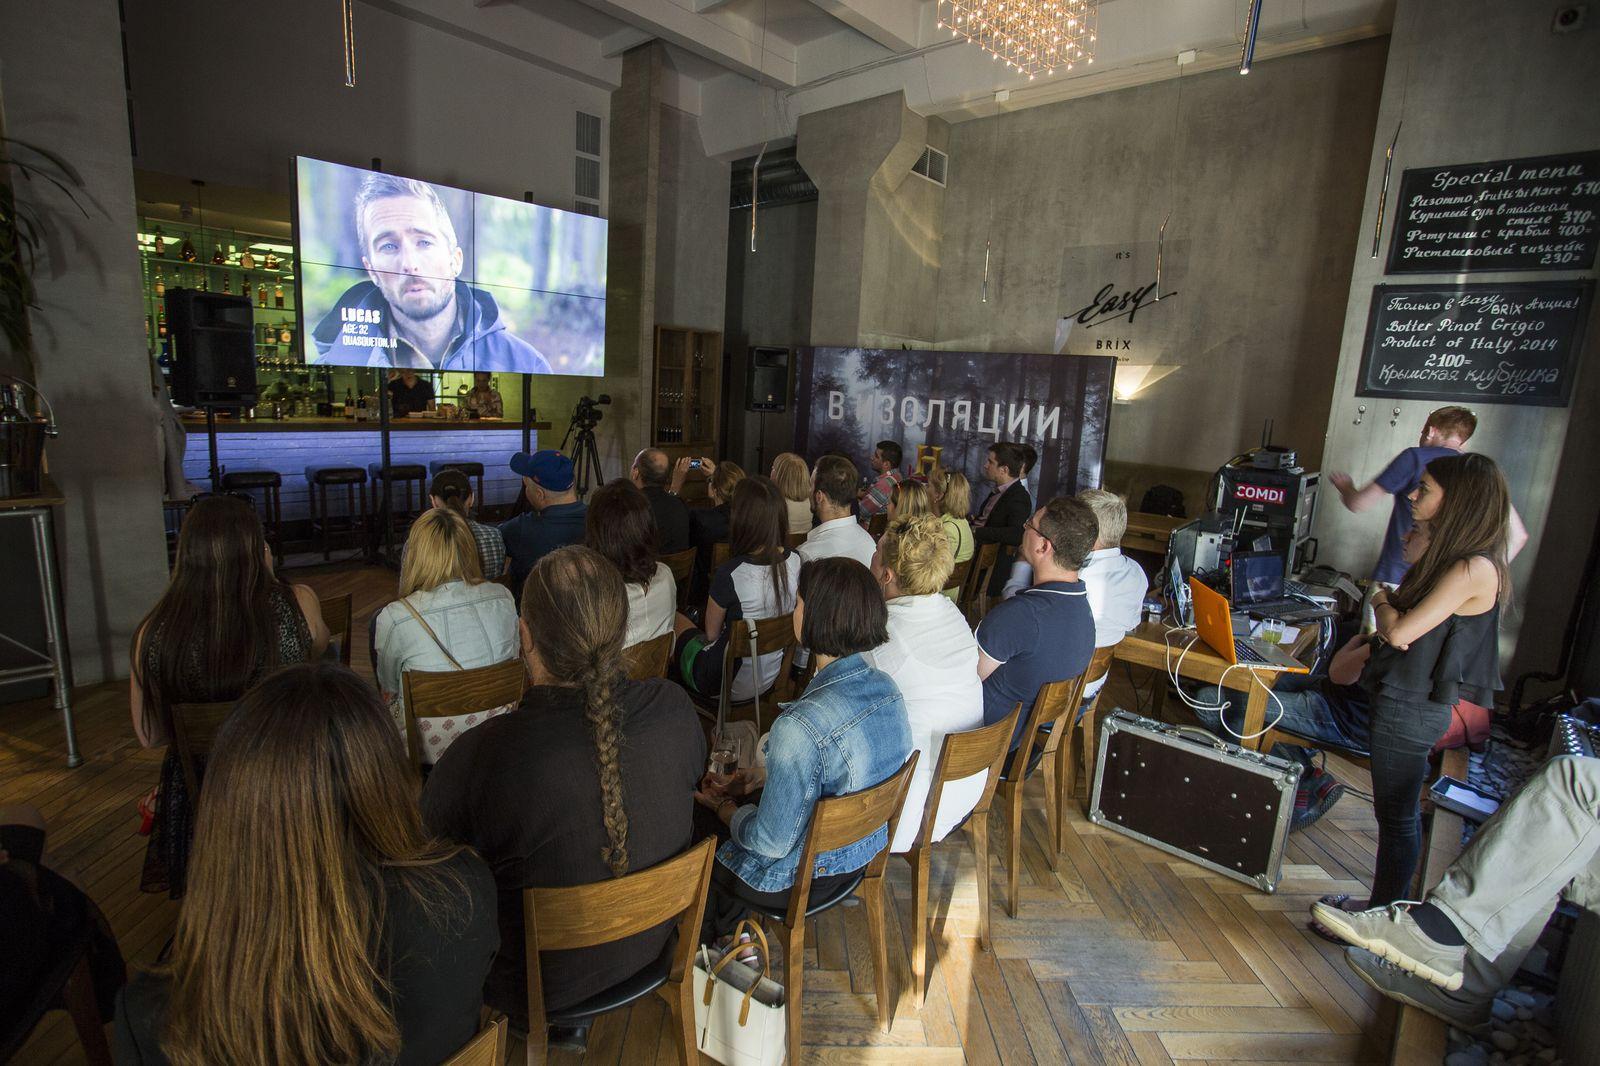 Телевизионный канал HISTORY пригласил гостей « Афимолл Сити» провести день « В?изоляции»